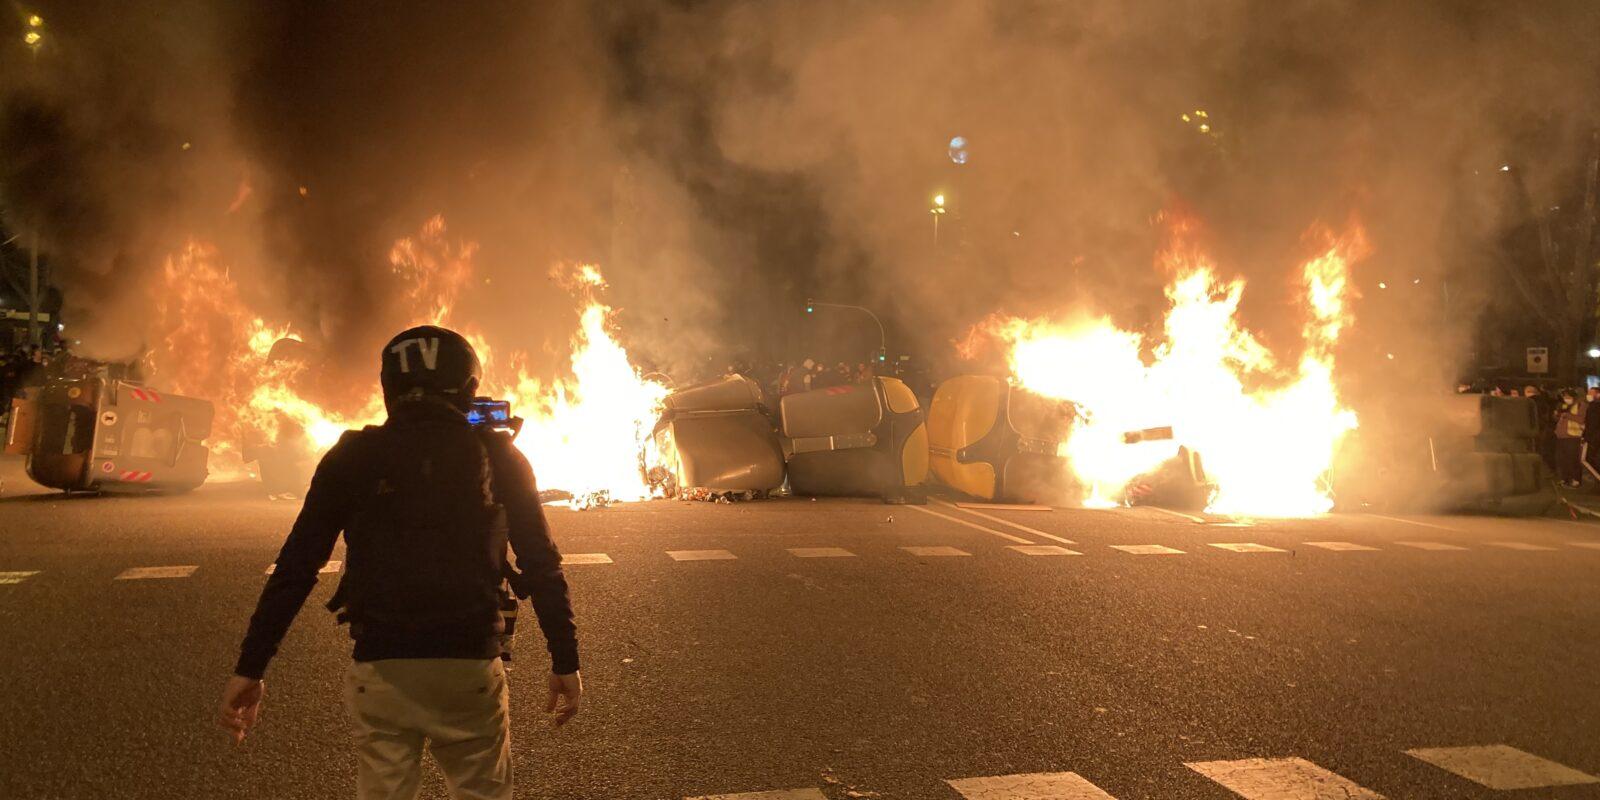 Un manifestant davant d'una barricada de contenidors encesa en la quarta nit de protestes per l'empresonament de Pablo Hasél / ACN